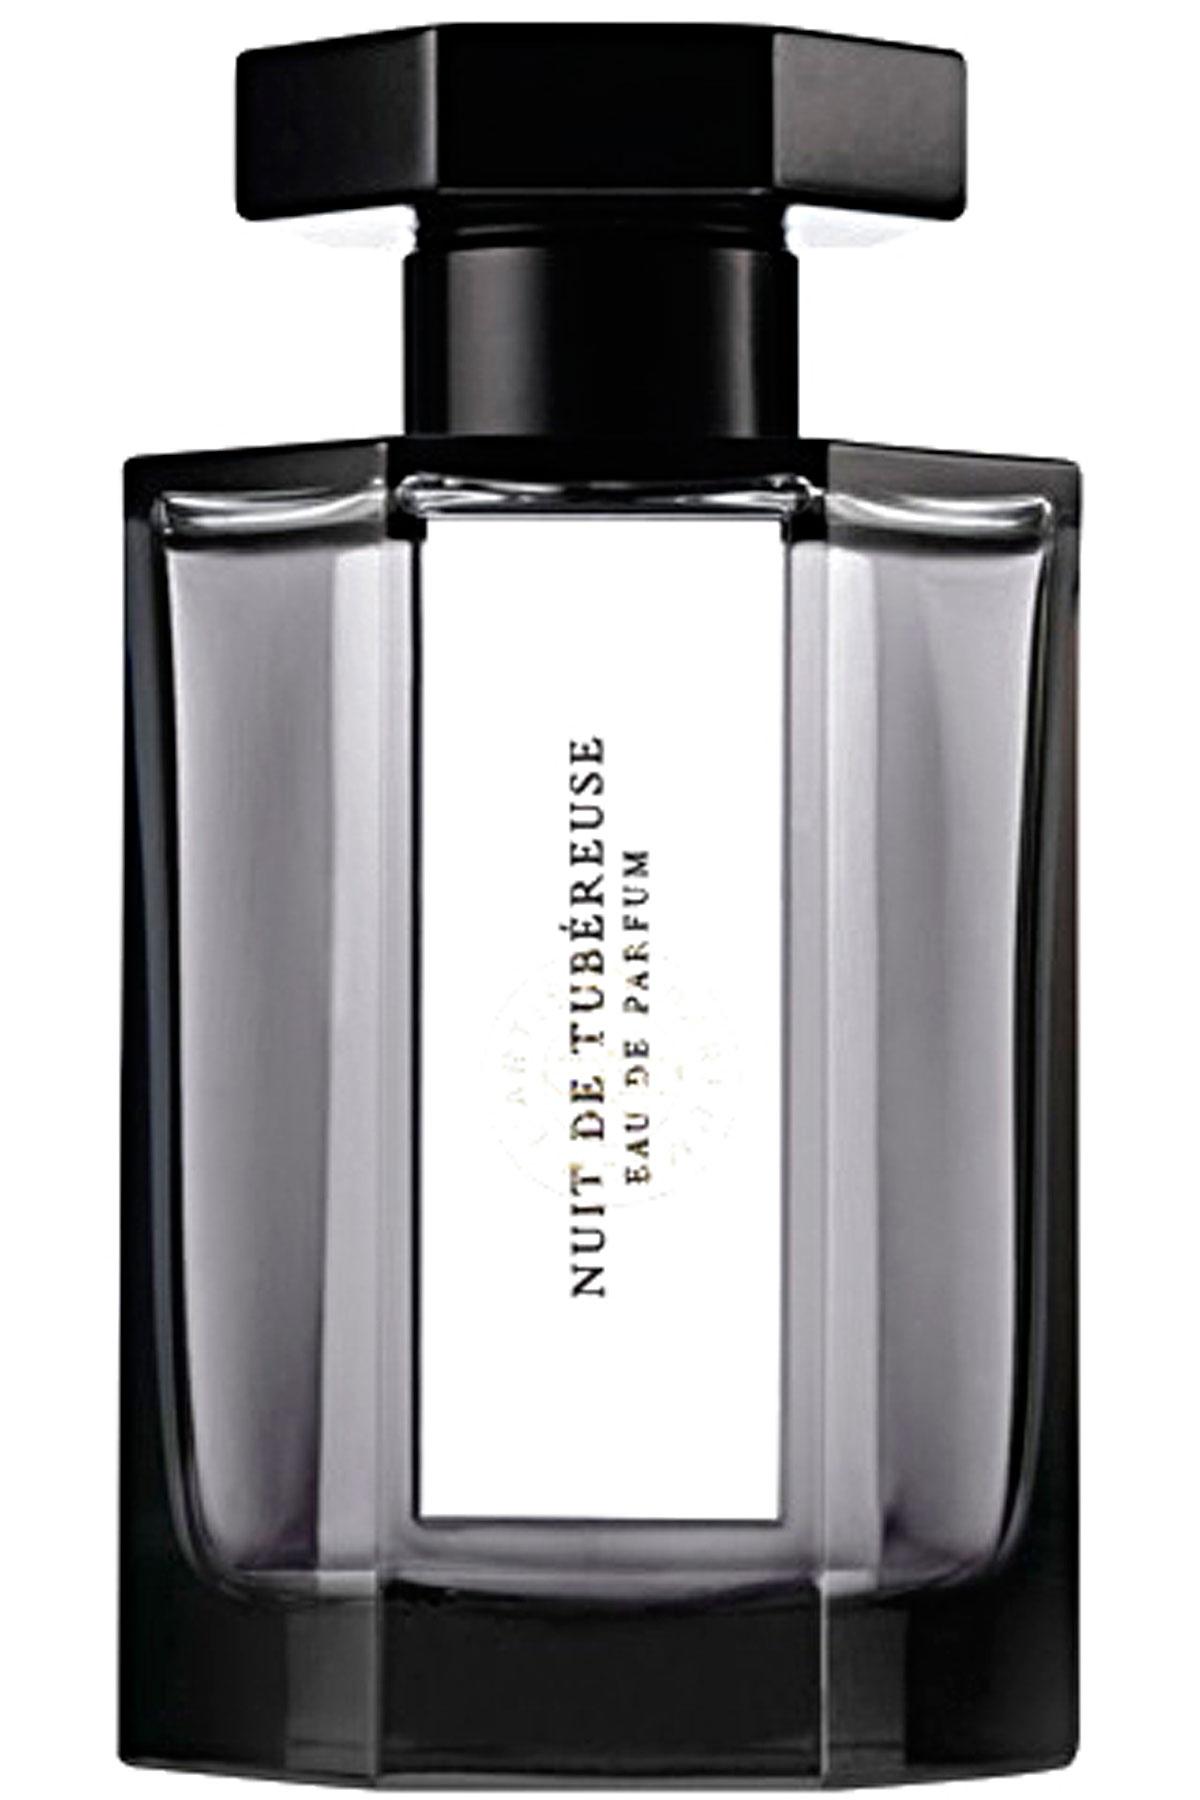 Artisan Parfumeur Fragrances for Women, Nuit De Tubereuse - Eau De Parfum - 100 Ml, 2019, 100 ml